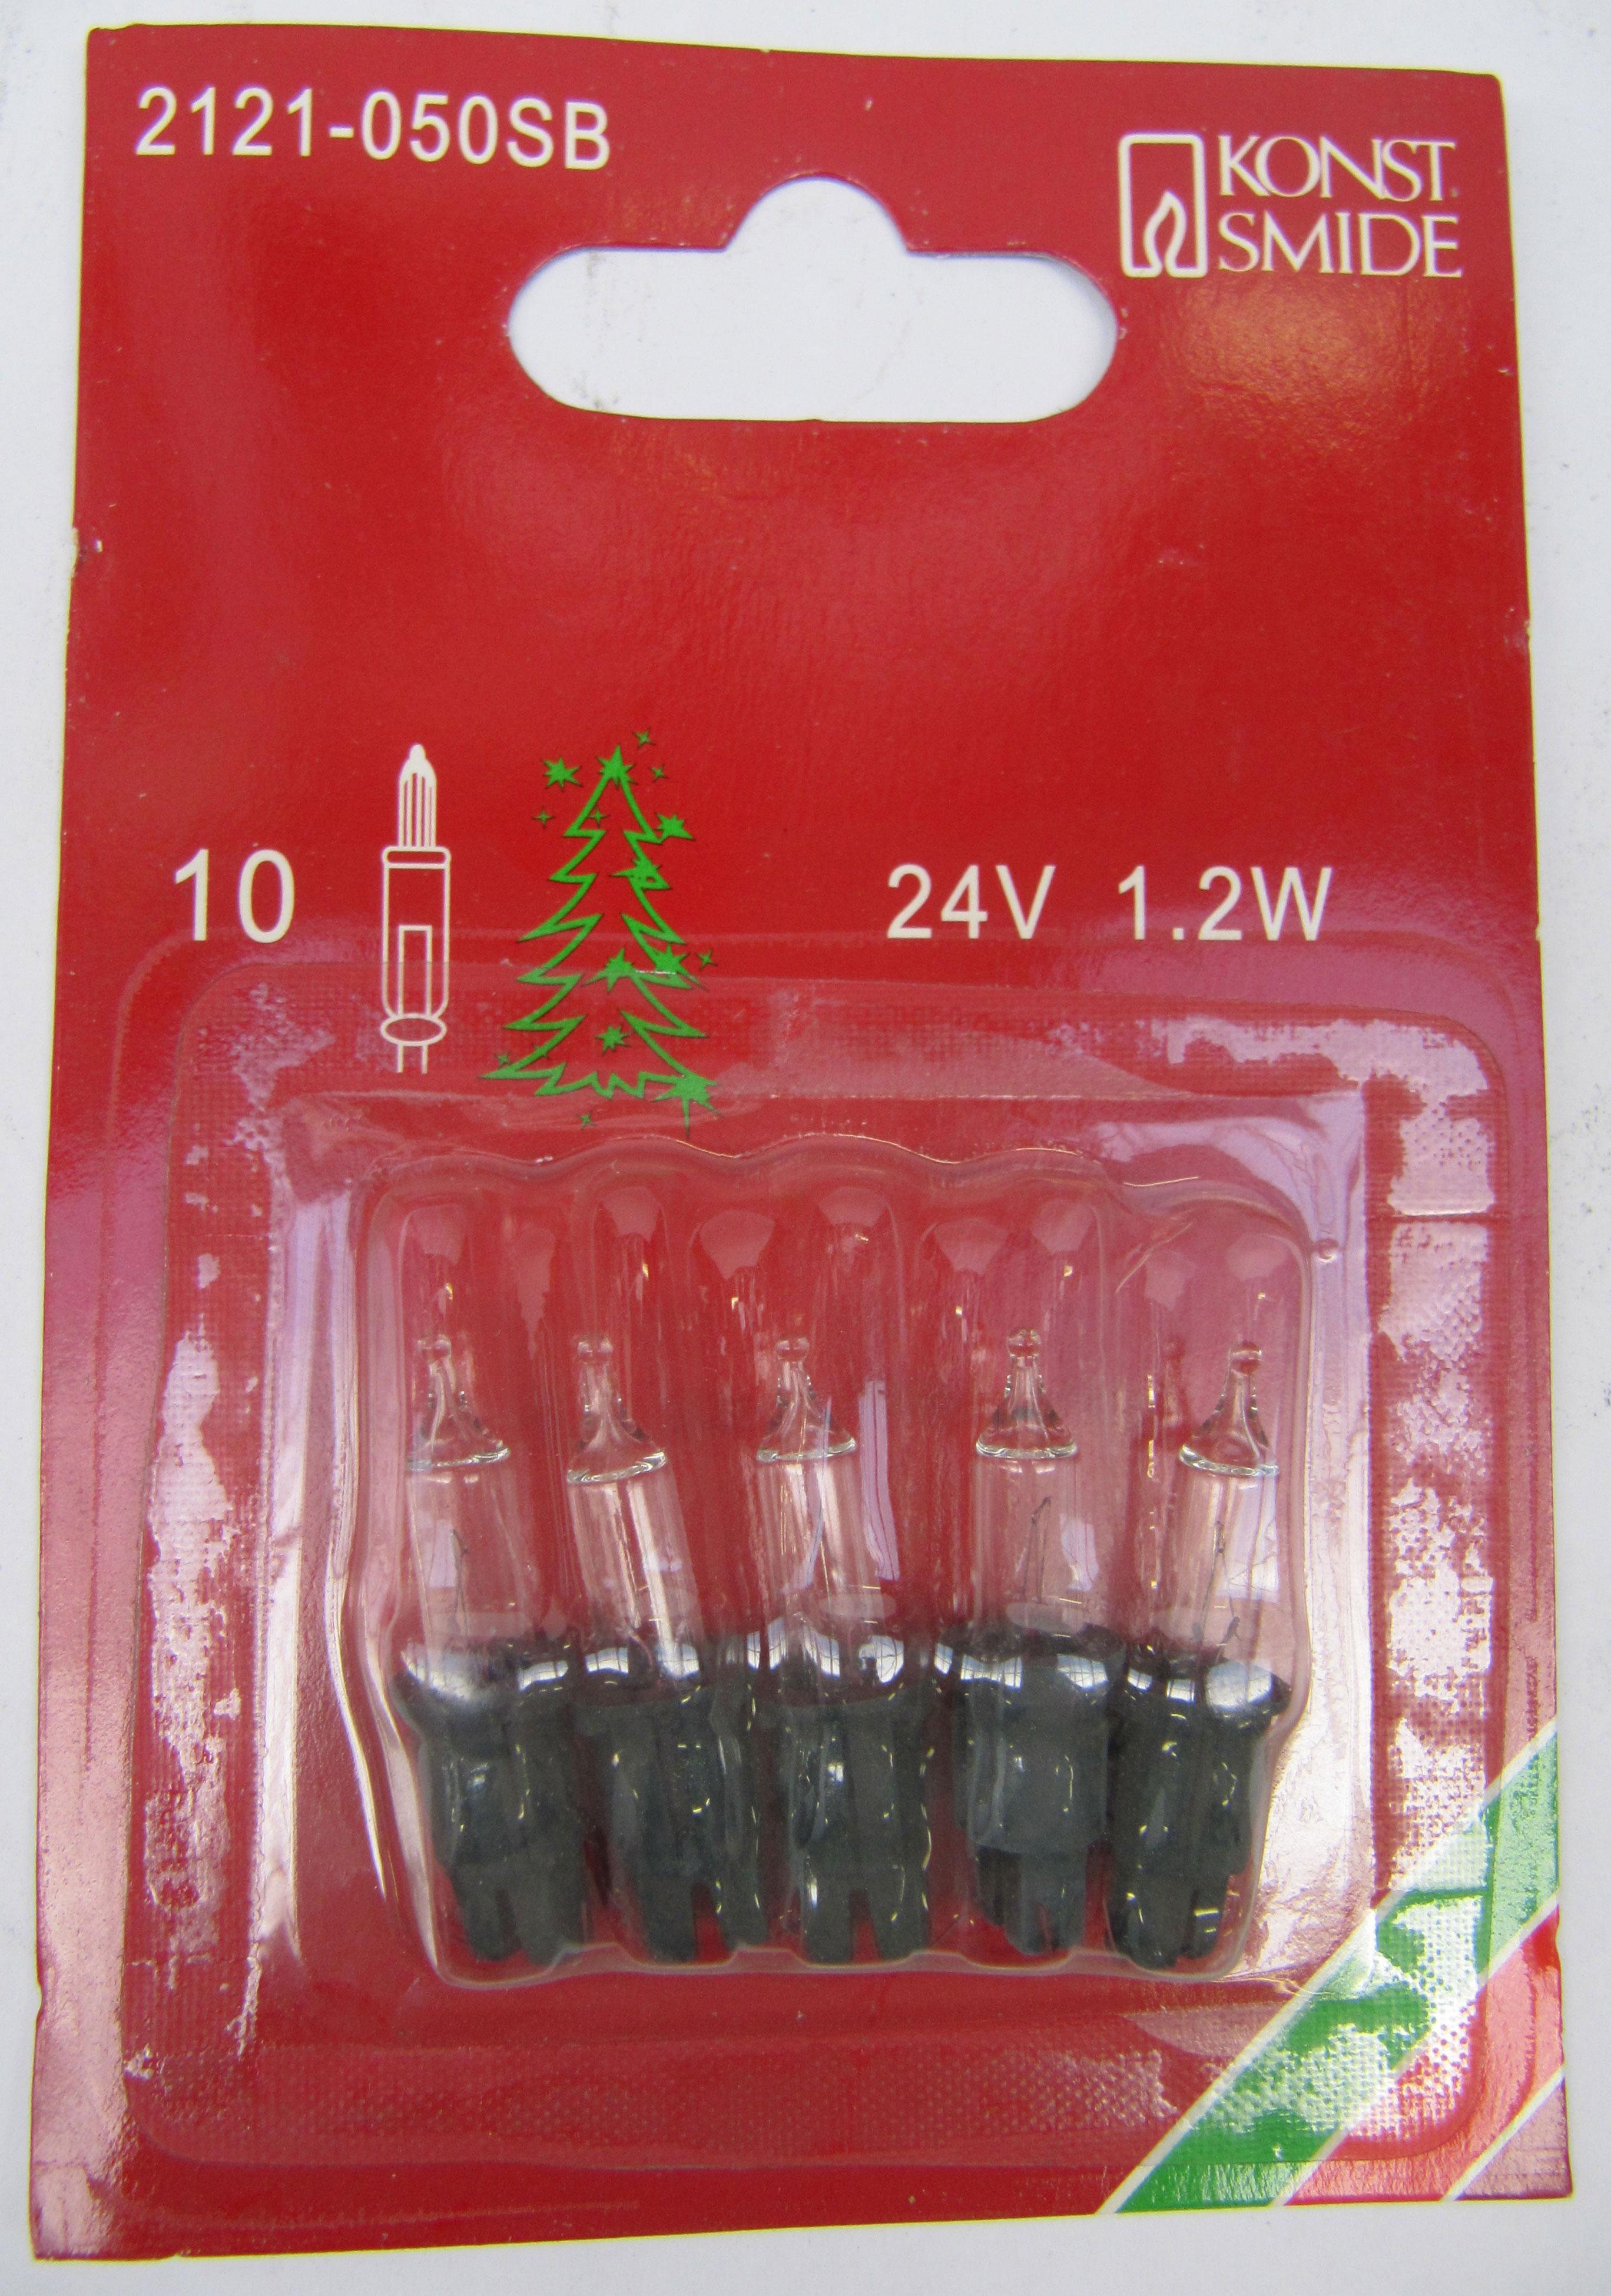 Ersatzbirnen für 10er Lichterketten 24V 1,2W klar/grün 5St. Konstsmide Bild 1